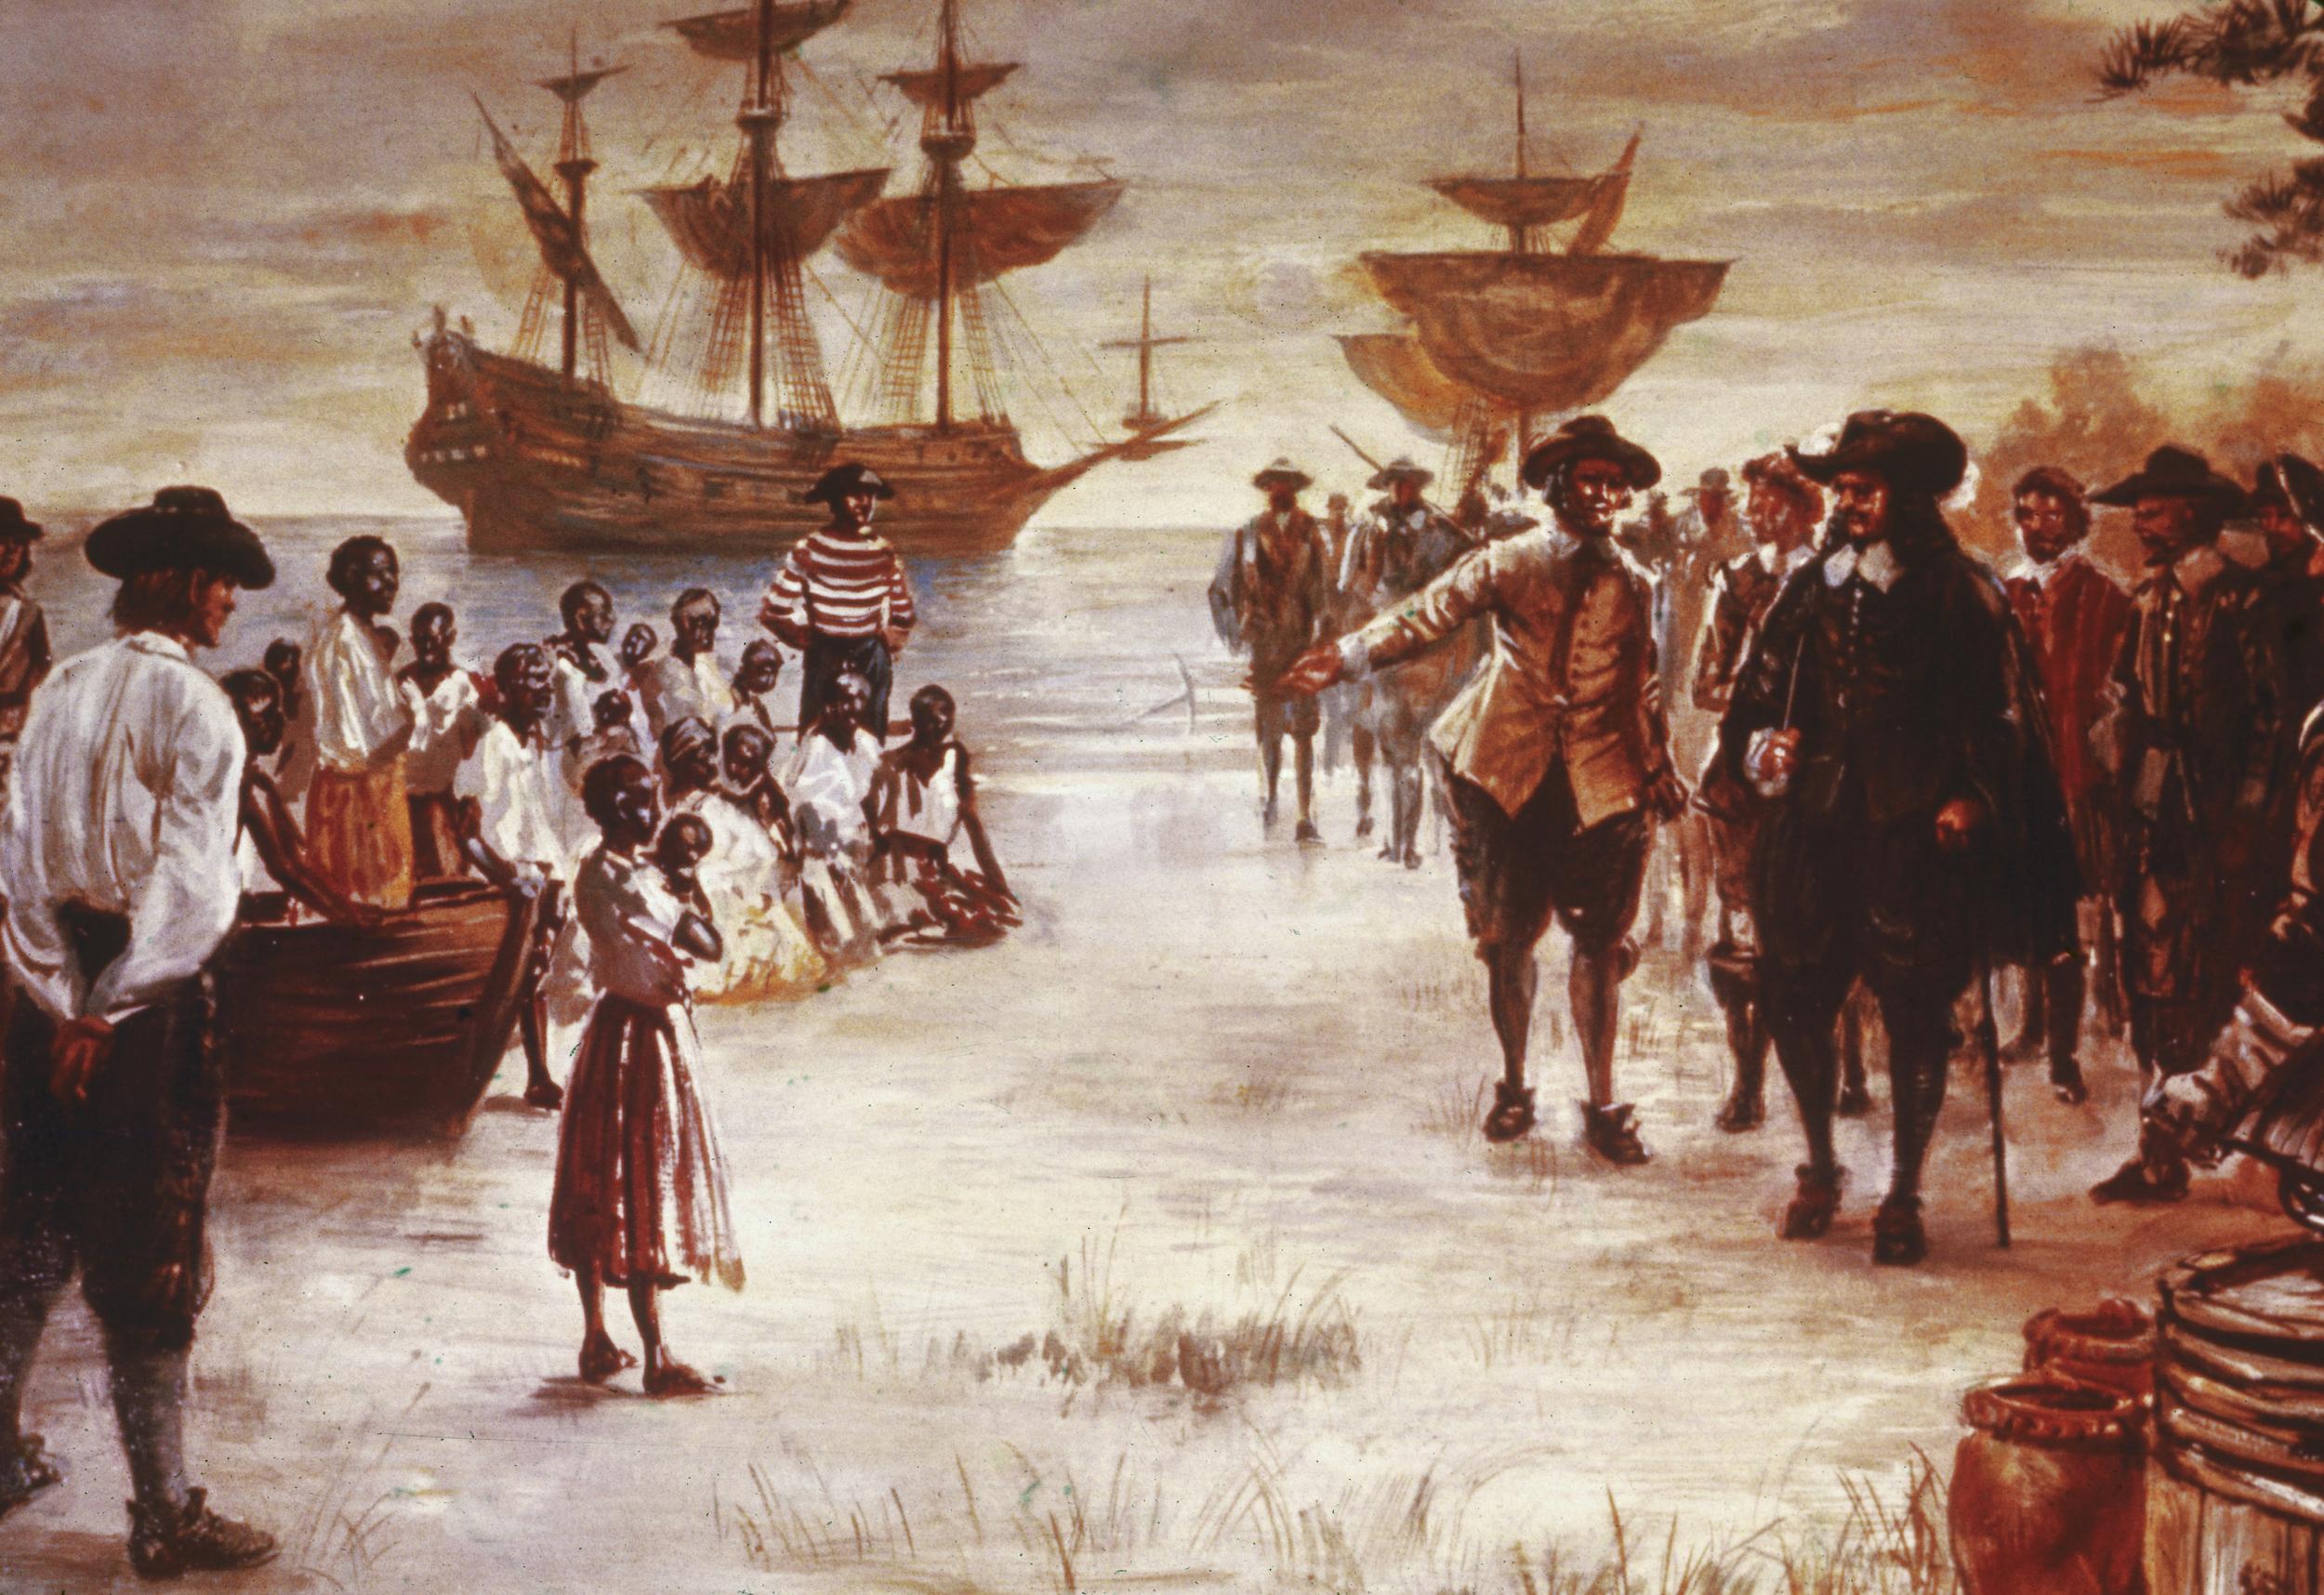 لوحة تصور سفينة تحمل عبيدًا ترسو على شاطئ فيرجينيا في عام 1619، أول أعوام العبودية في أمريكا